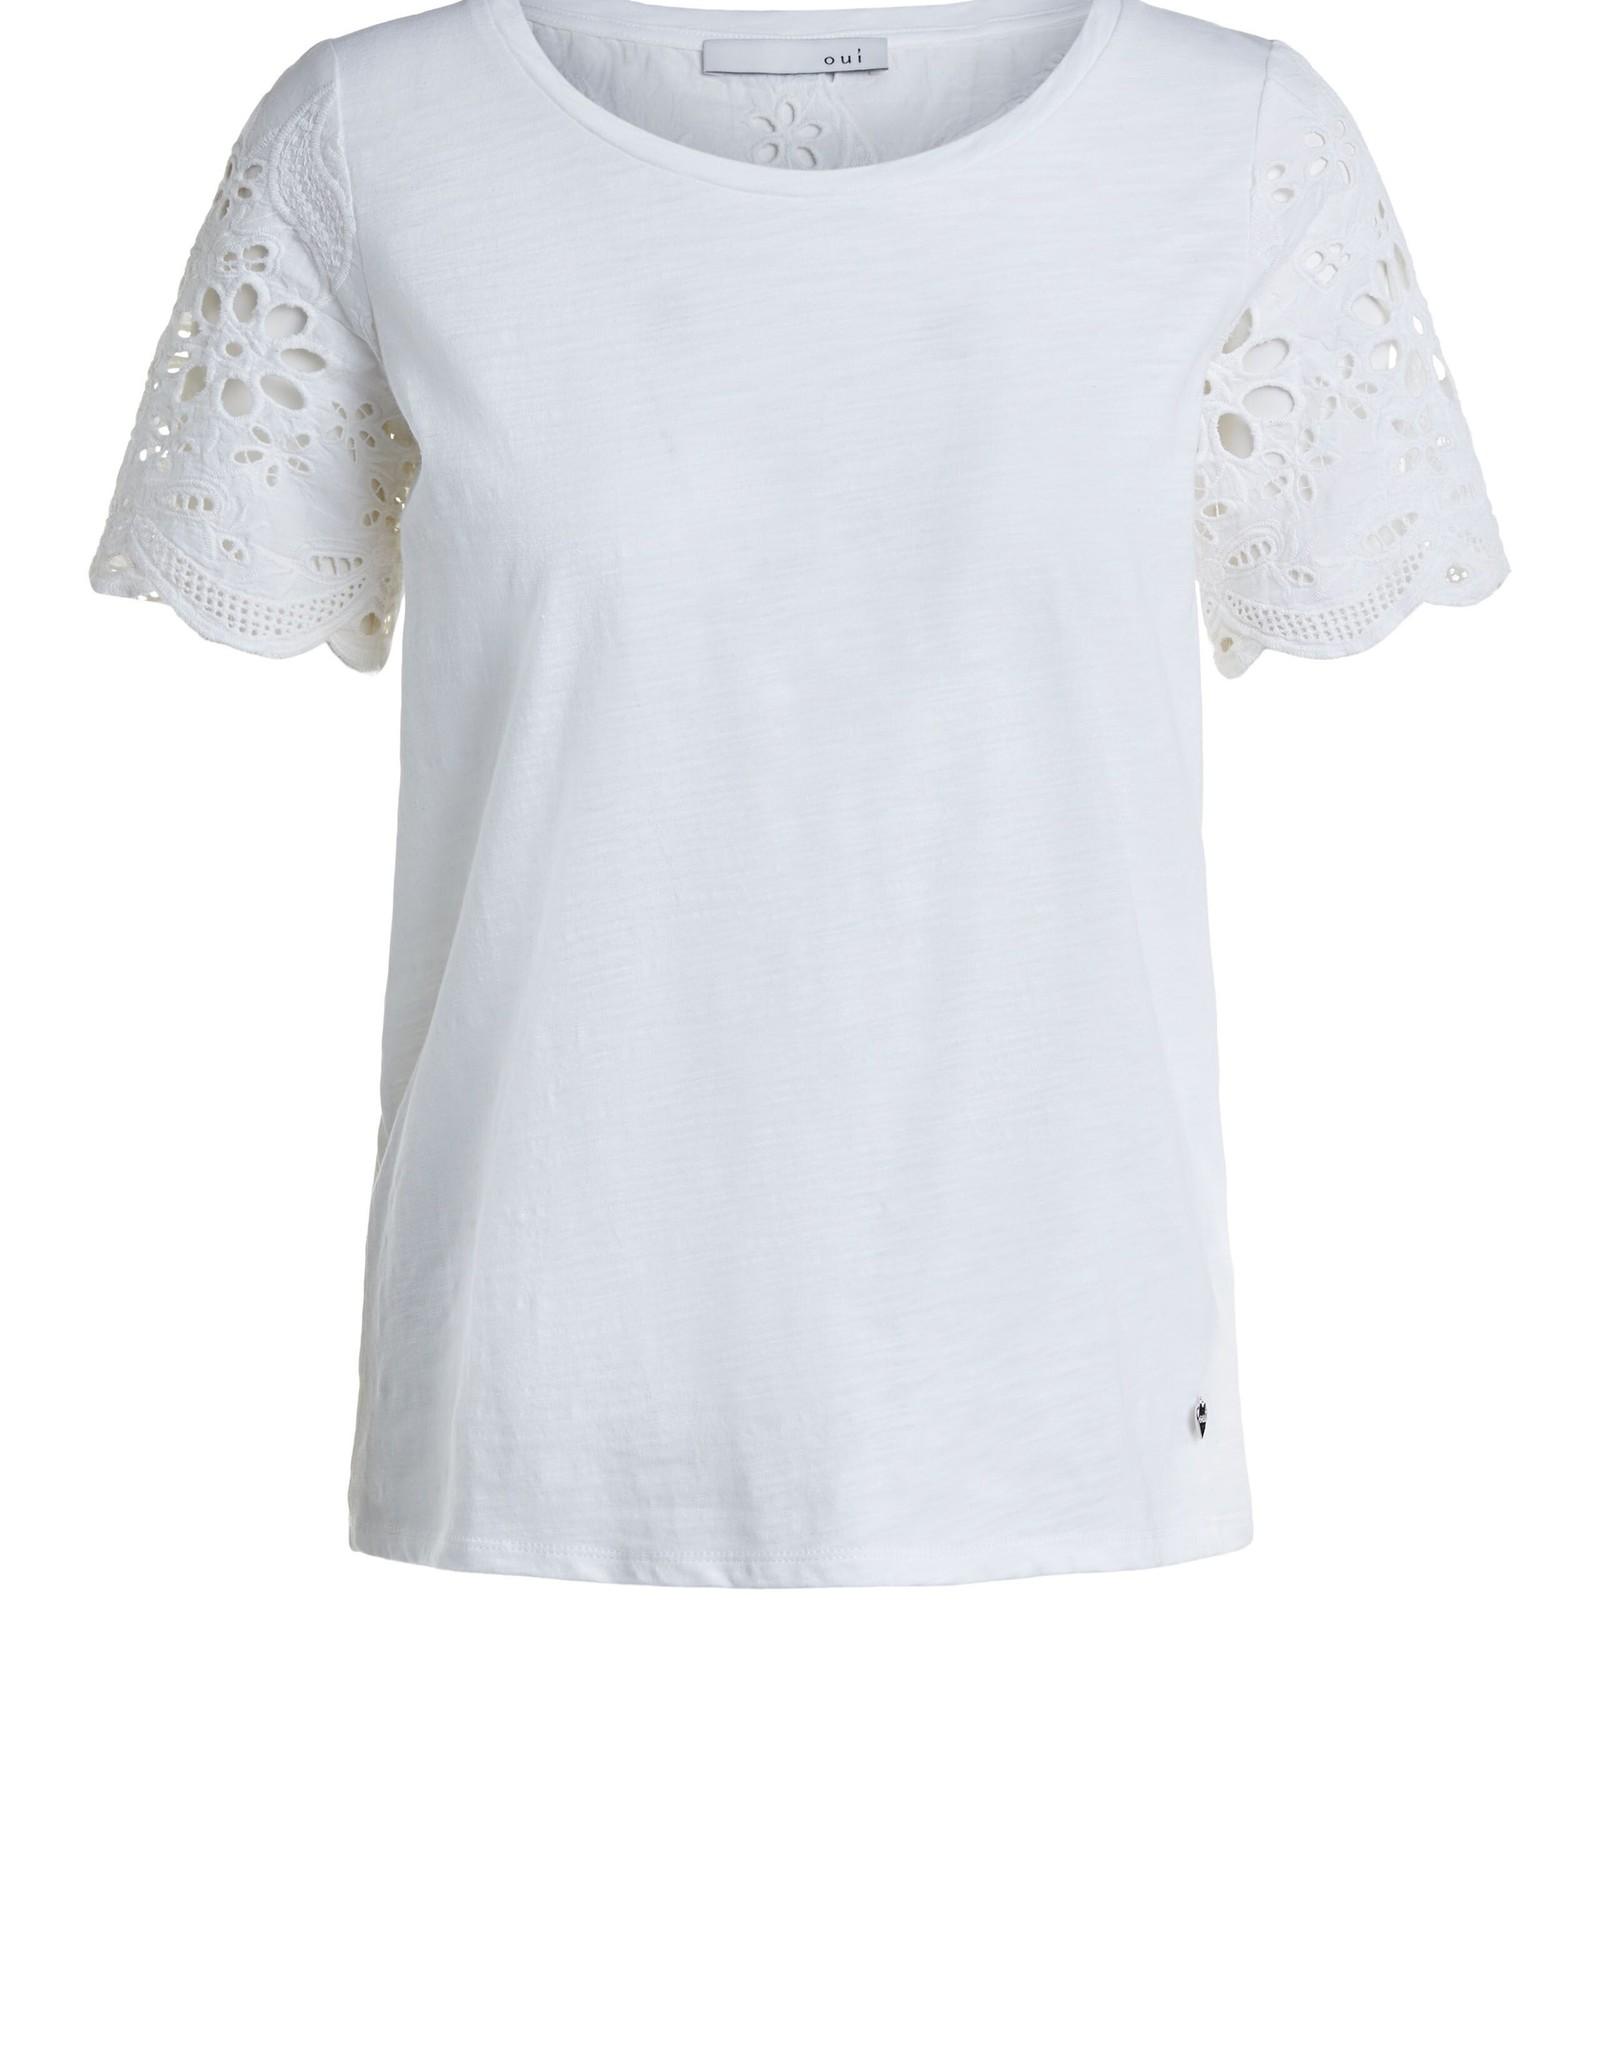 Ouí * 68365 T-shirt